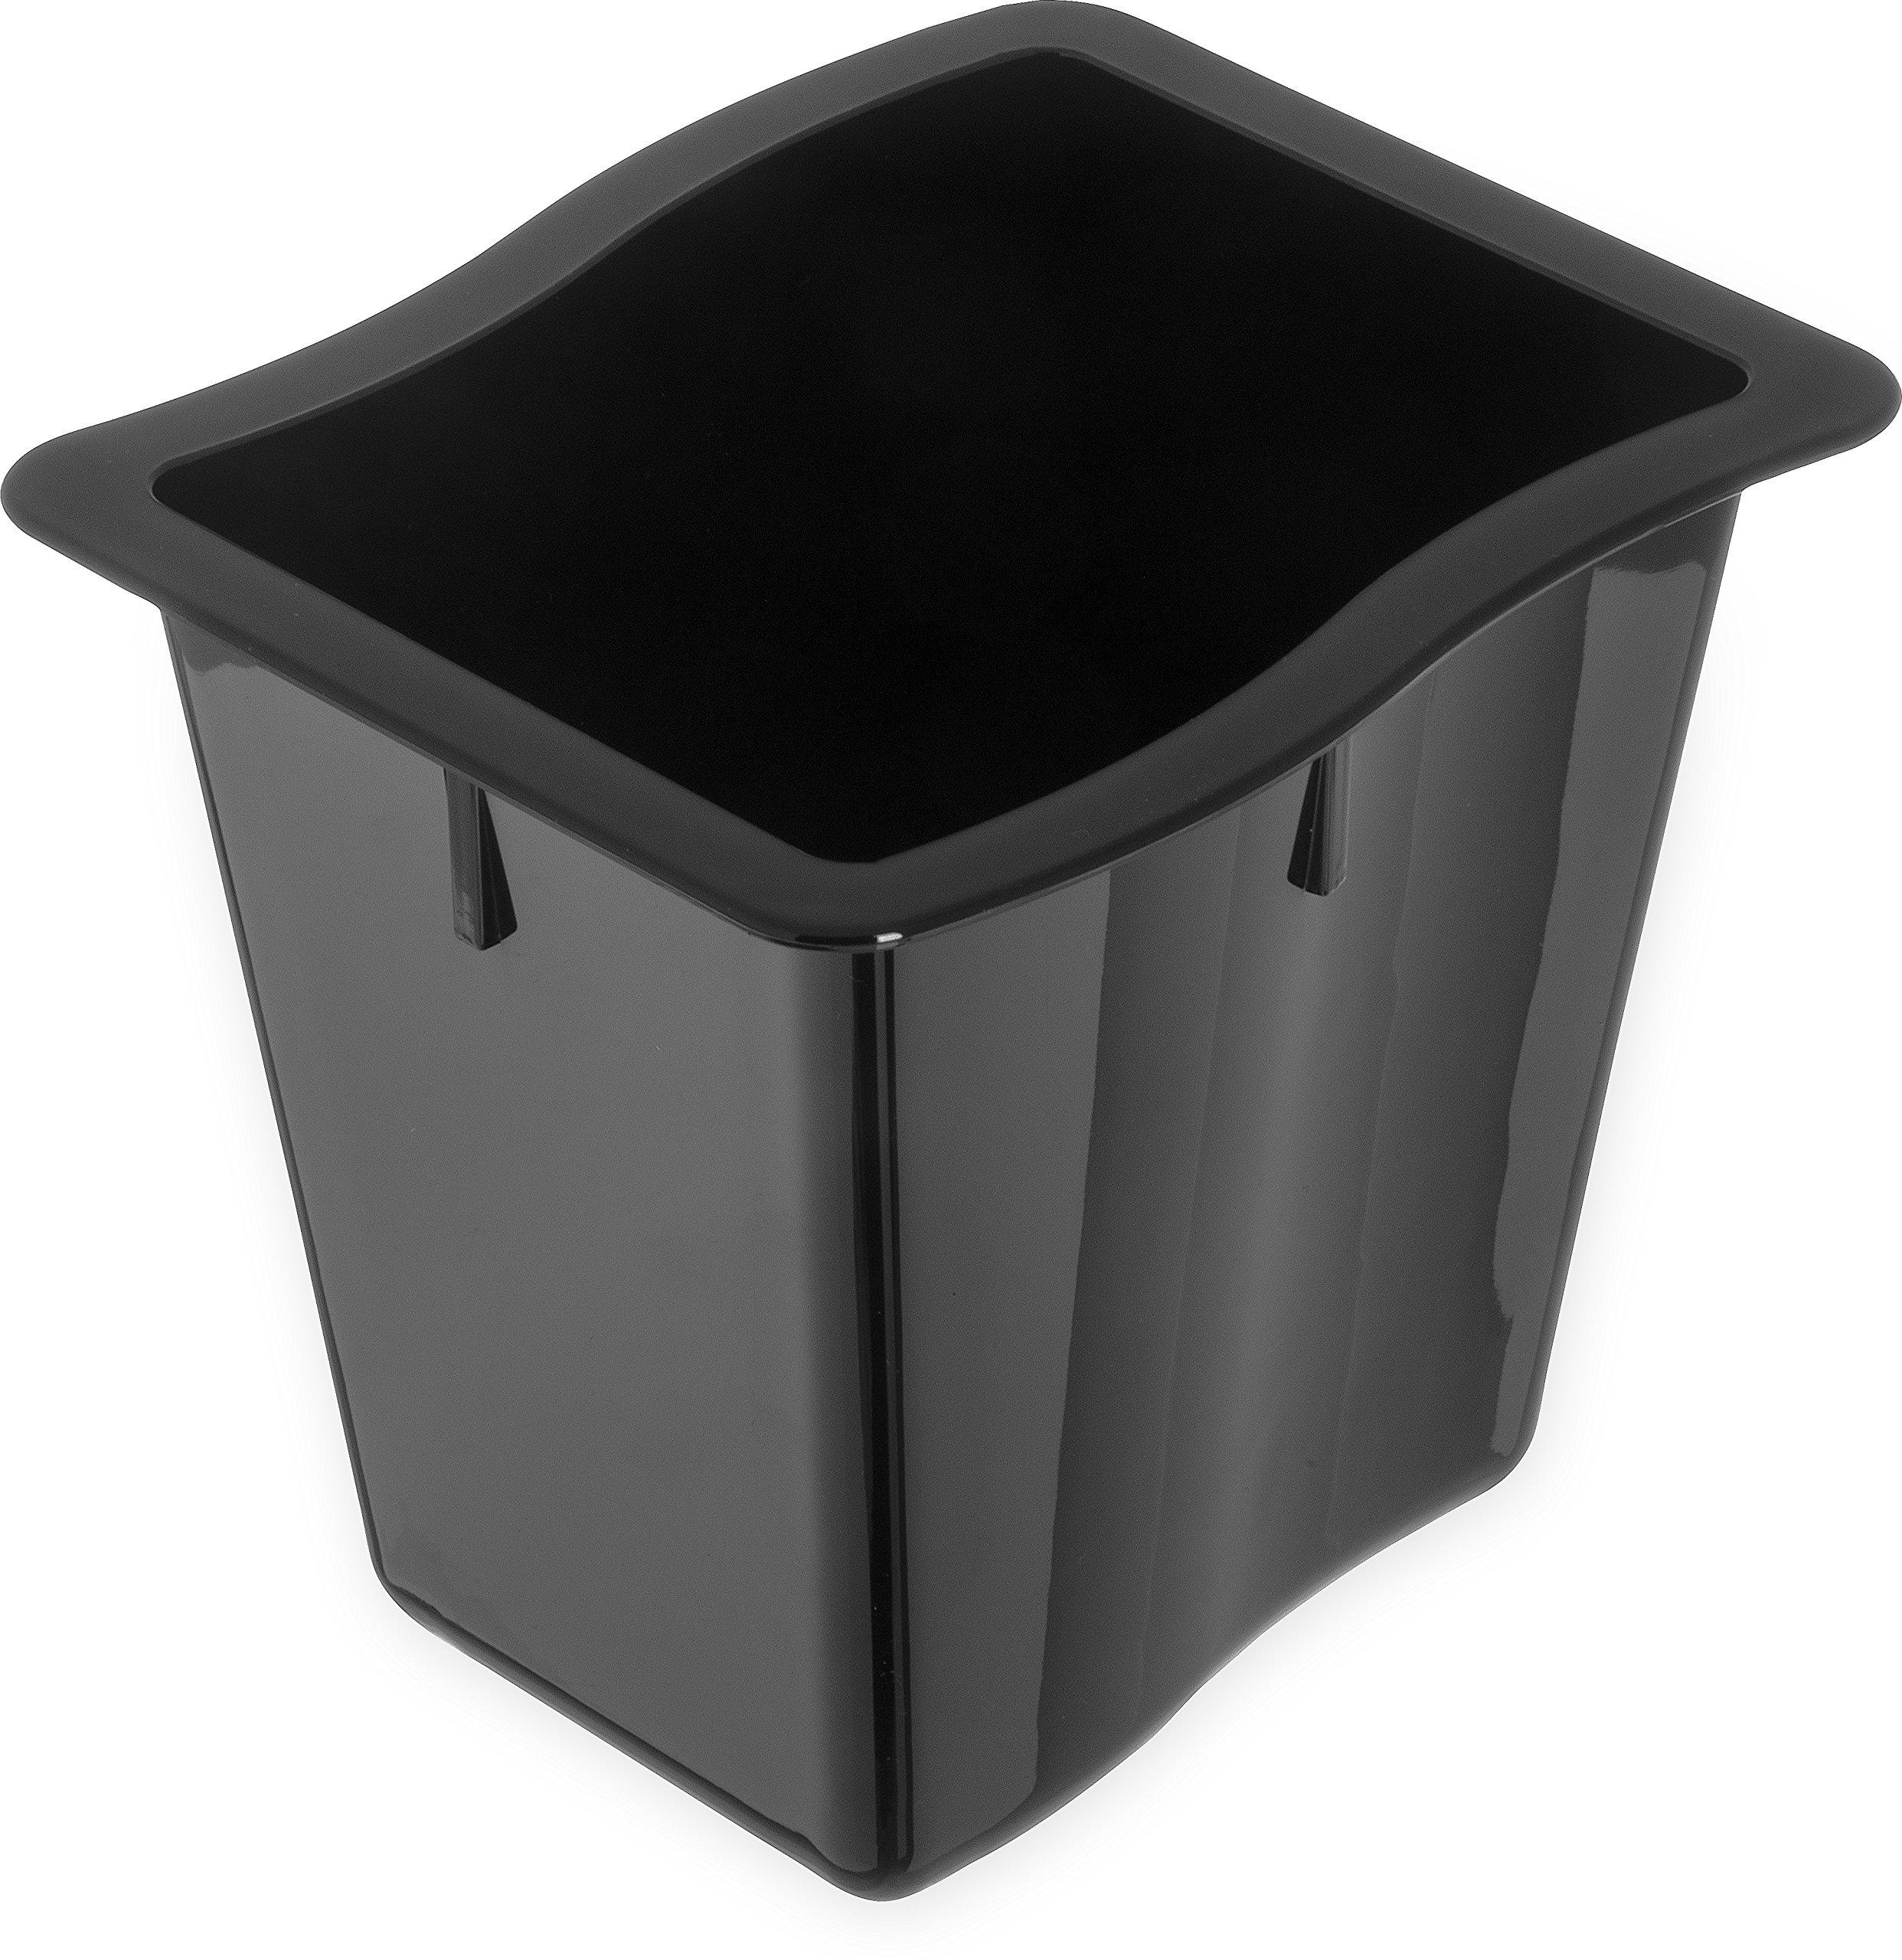 Carlisle 6986603 Modular Displayware Polycarbonate Third-Size Food Pan, 6.62 x 6.00 x 6'', Black (Case of 6)